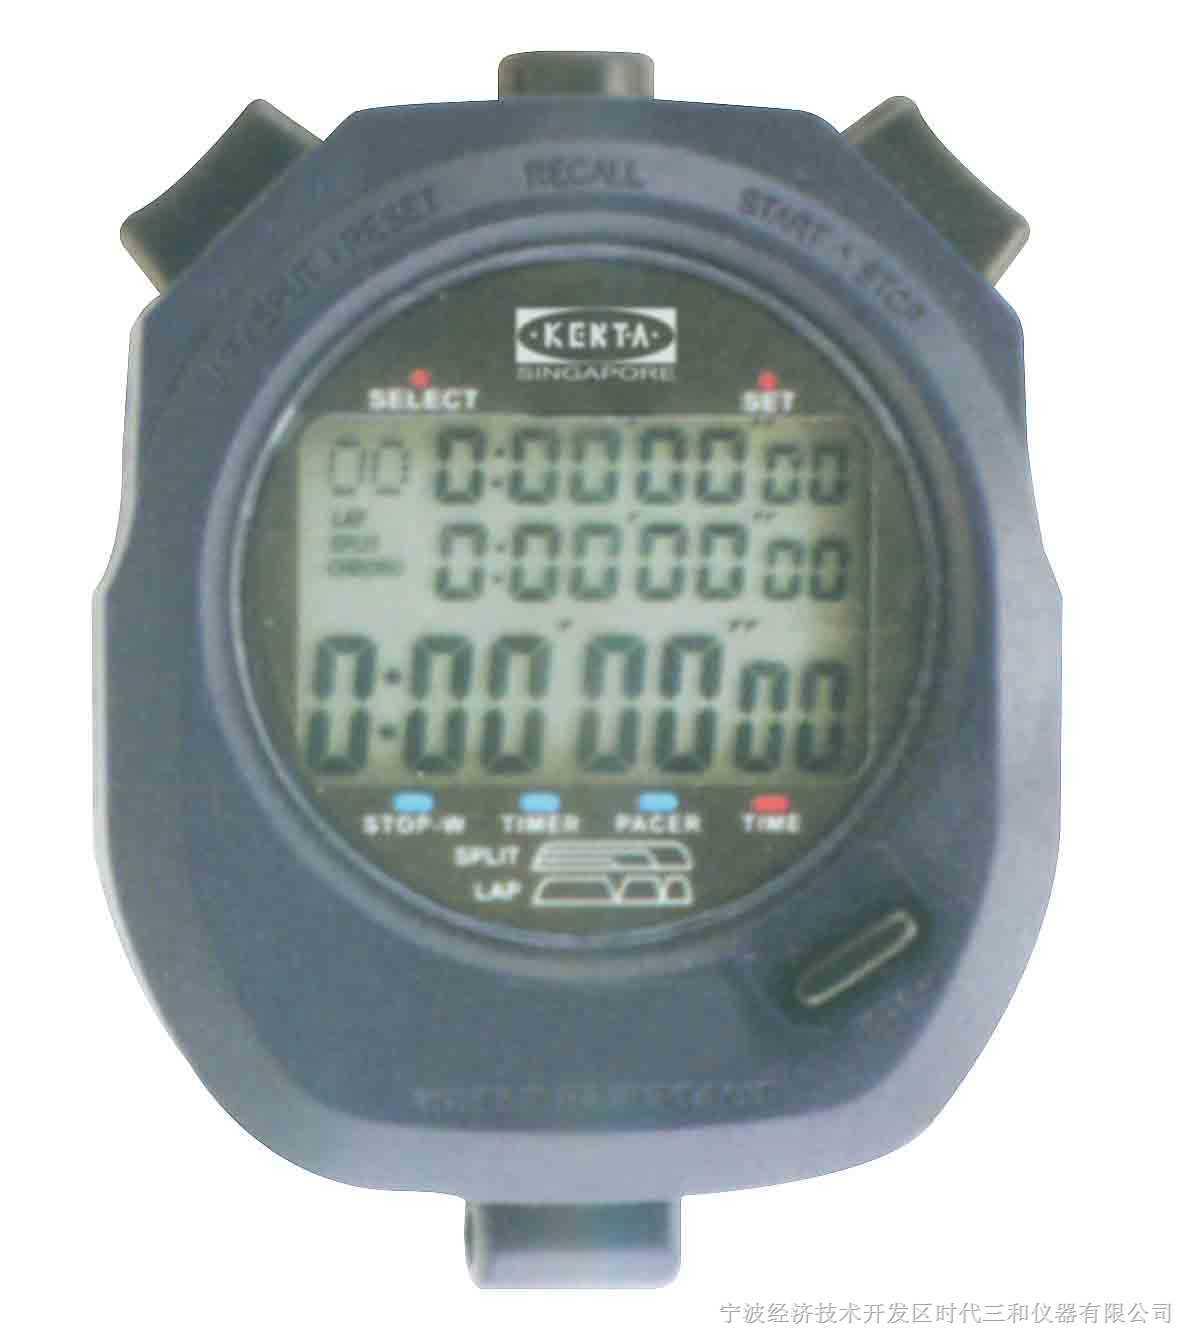 产品库 实验仪器 其他 其它 克恩达电子数显秒表kt13-140-14  相关